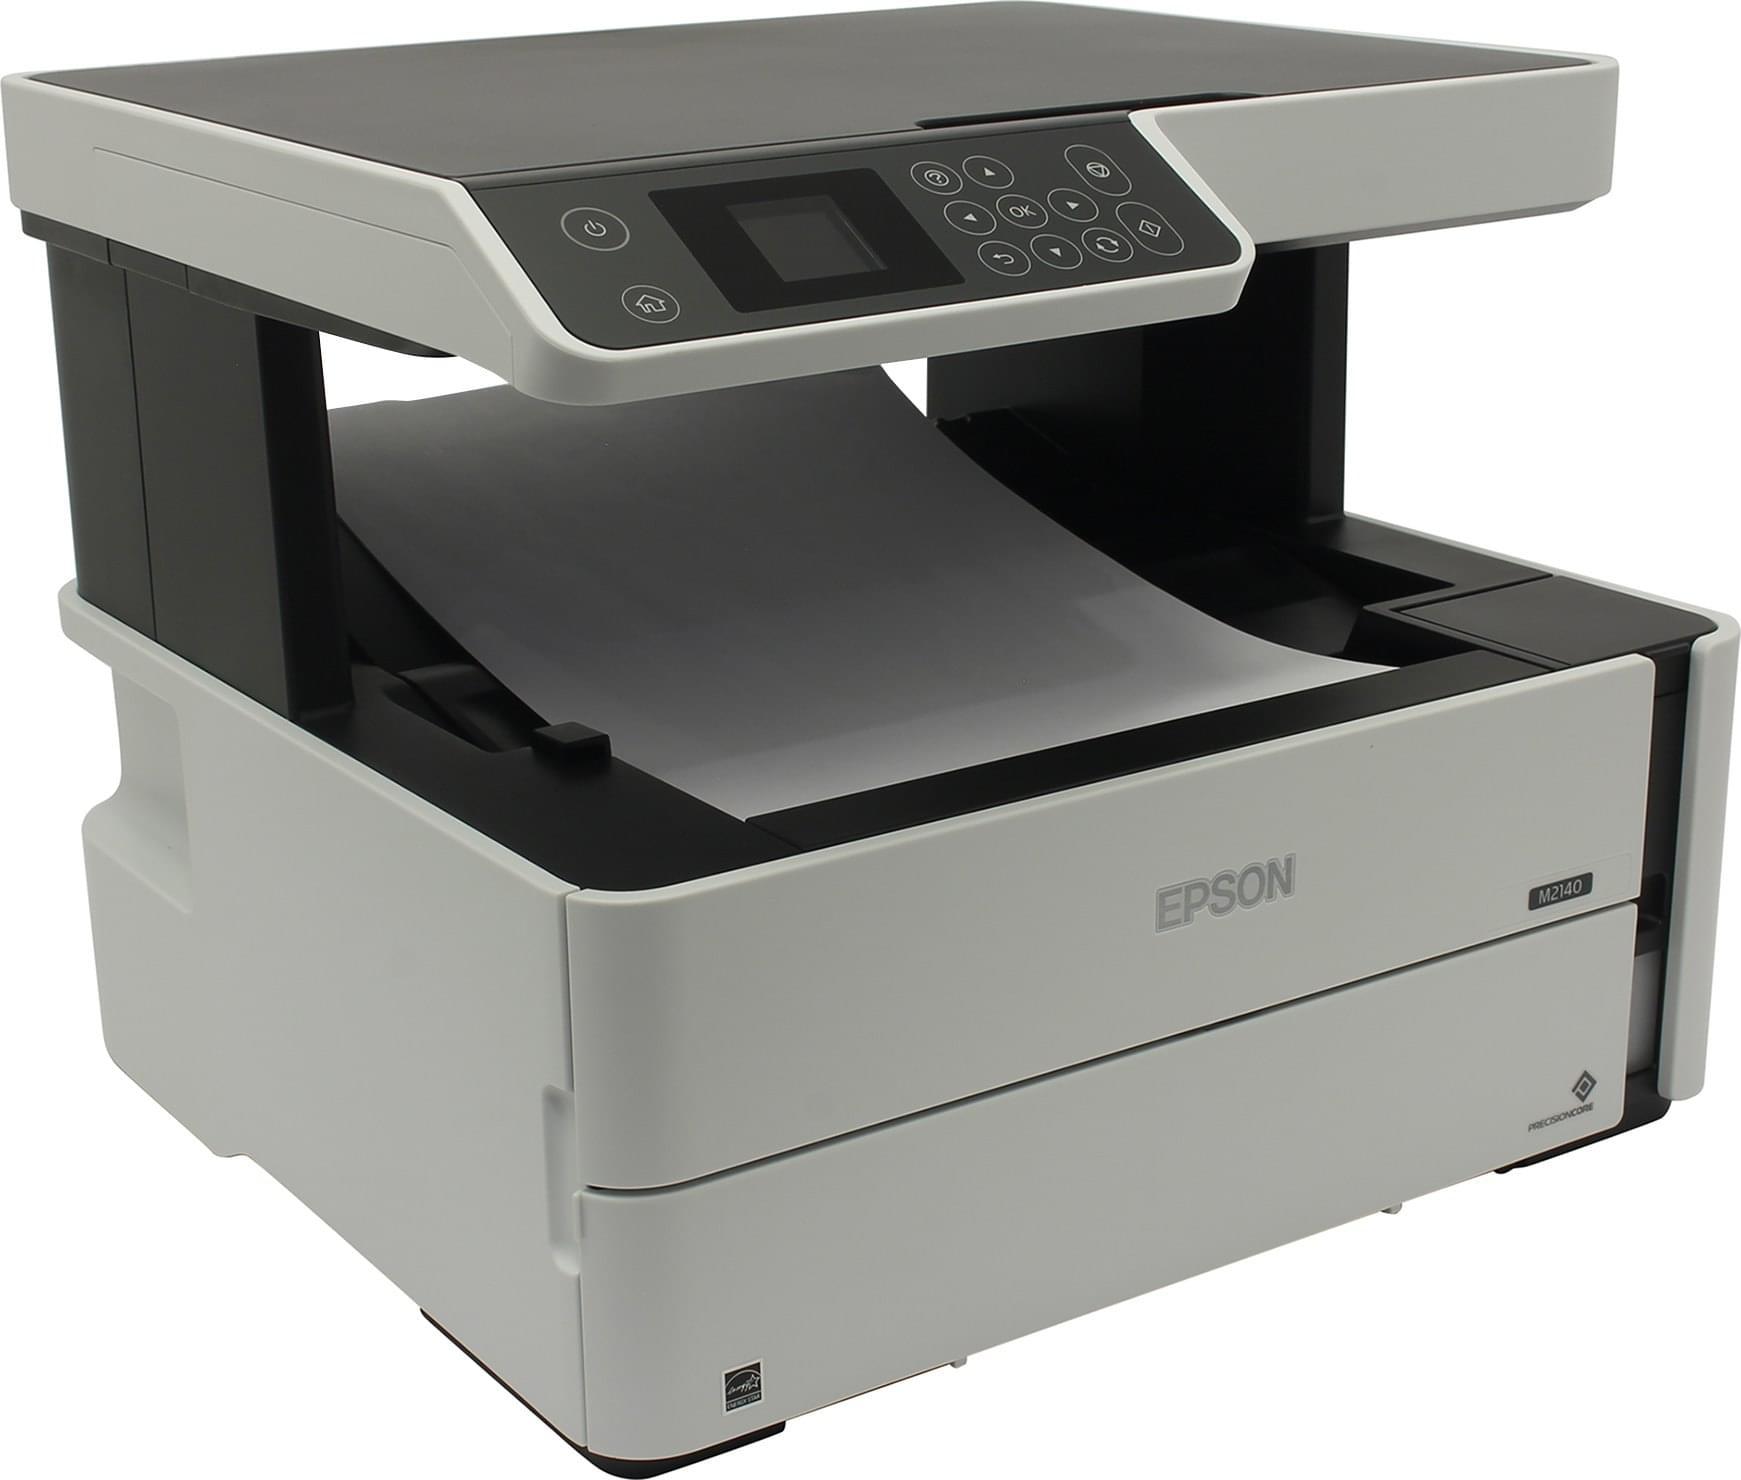 Epson M3170 — монохромный офисный МФУ с системой непрерывной подачи чернил